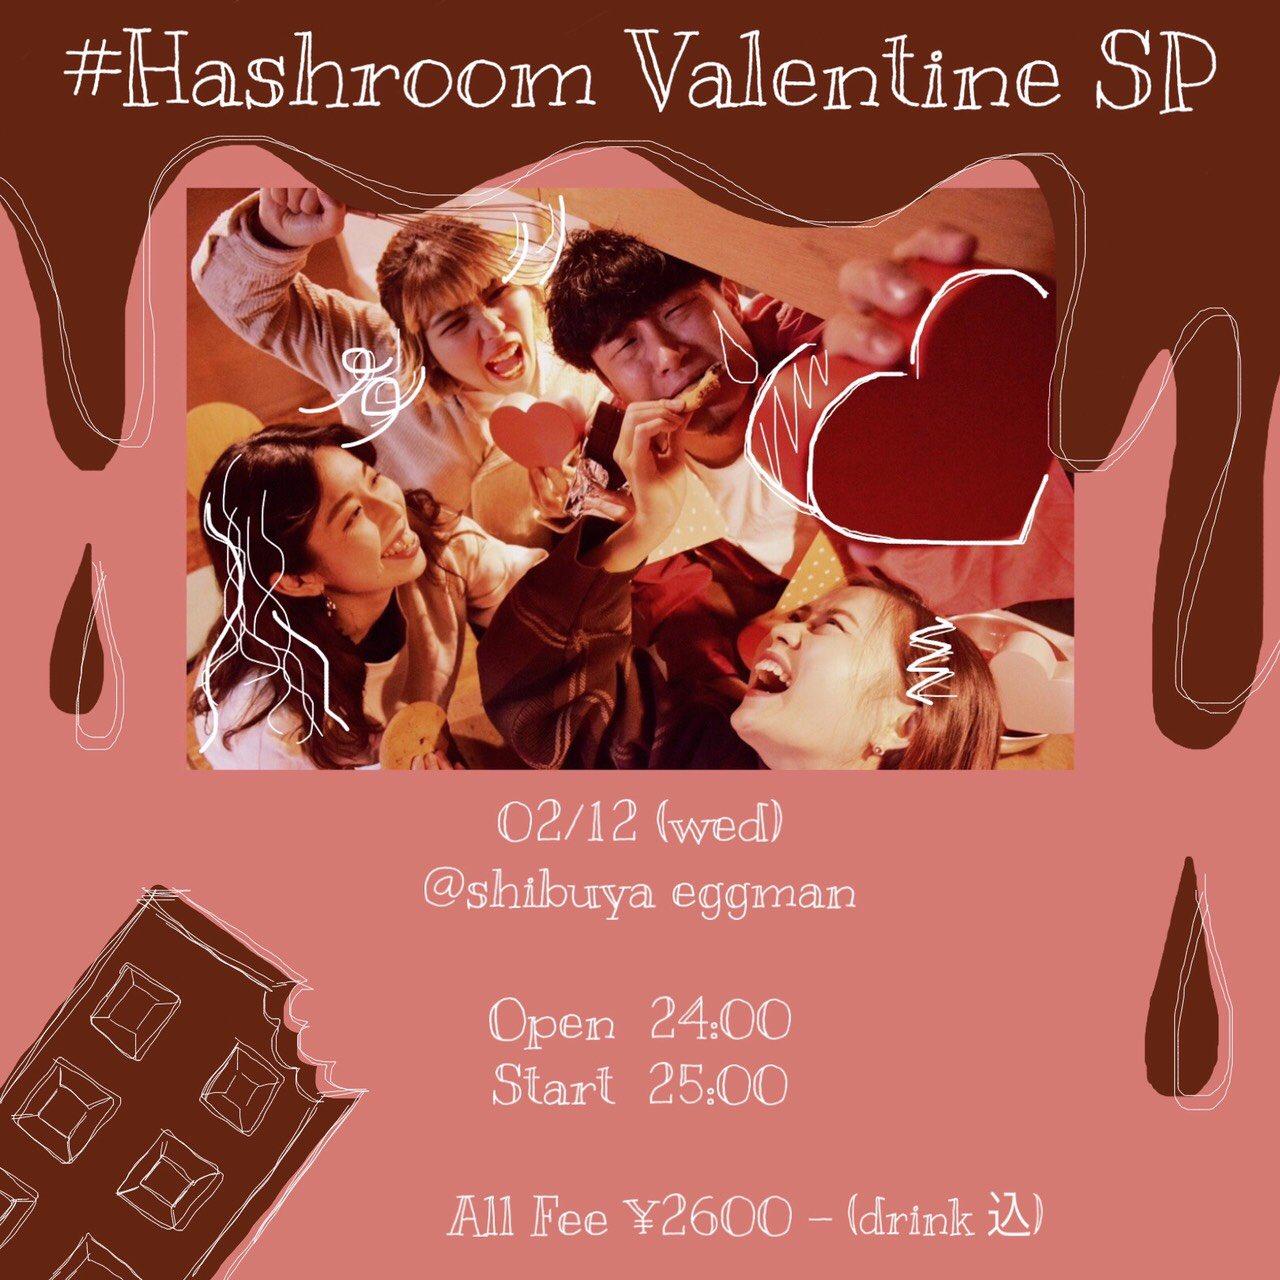 #Hashroom Valentine SP